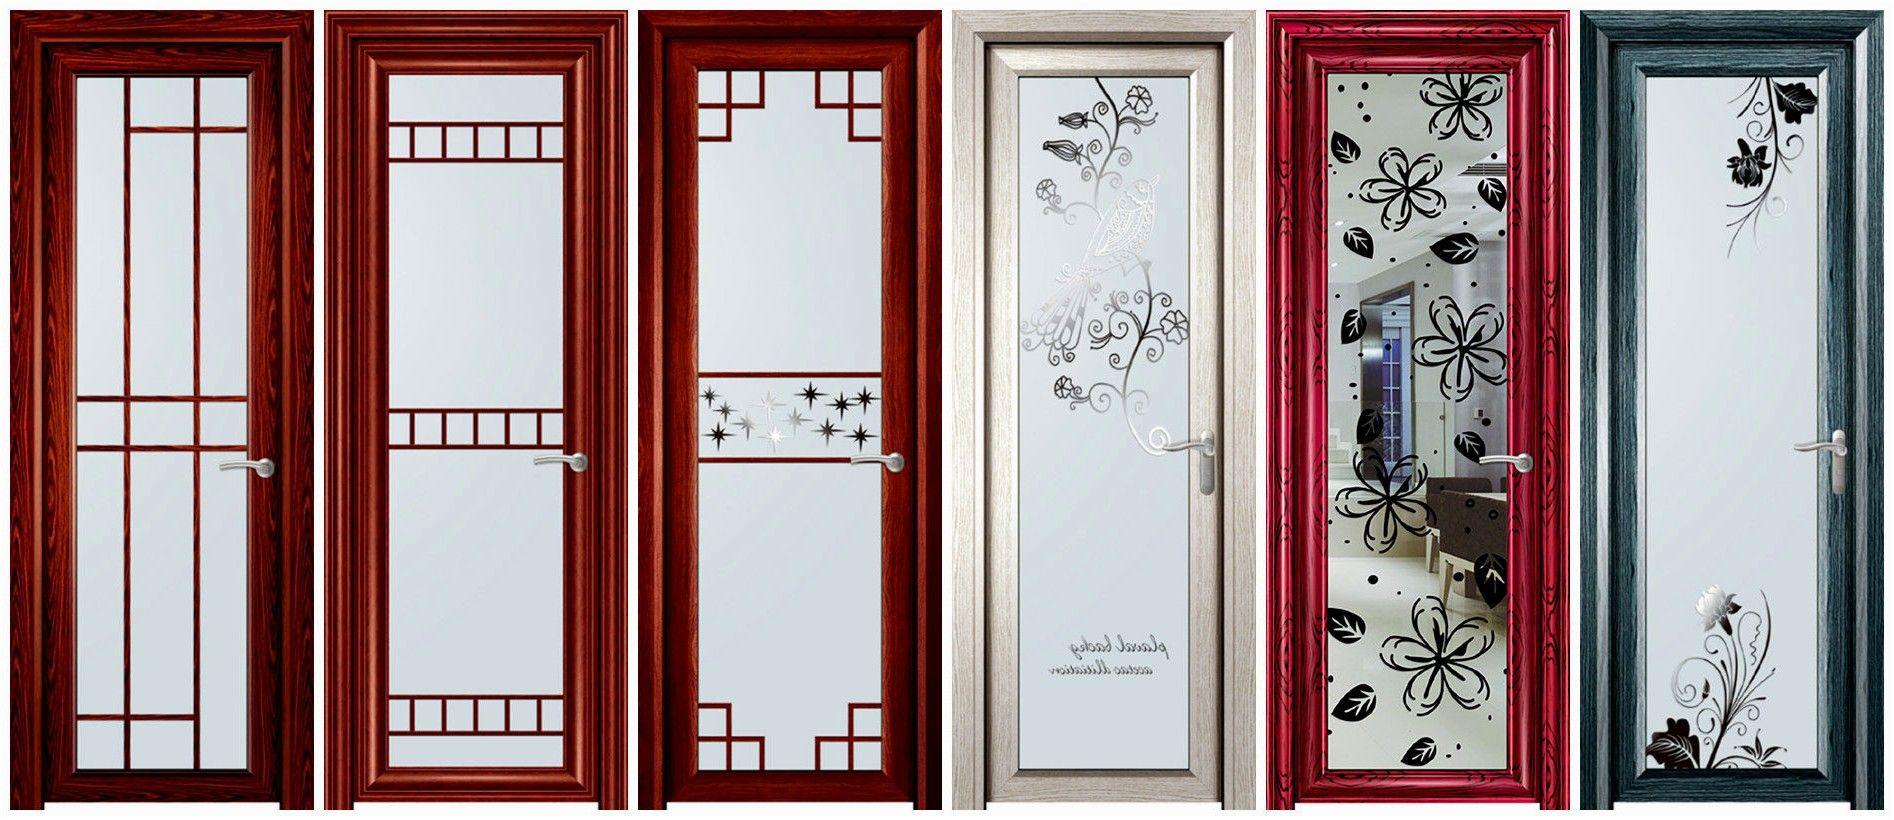 New Bathroom Gate Design Home Decor Guide